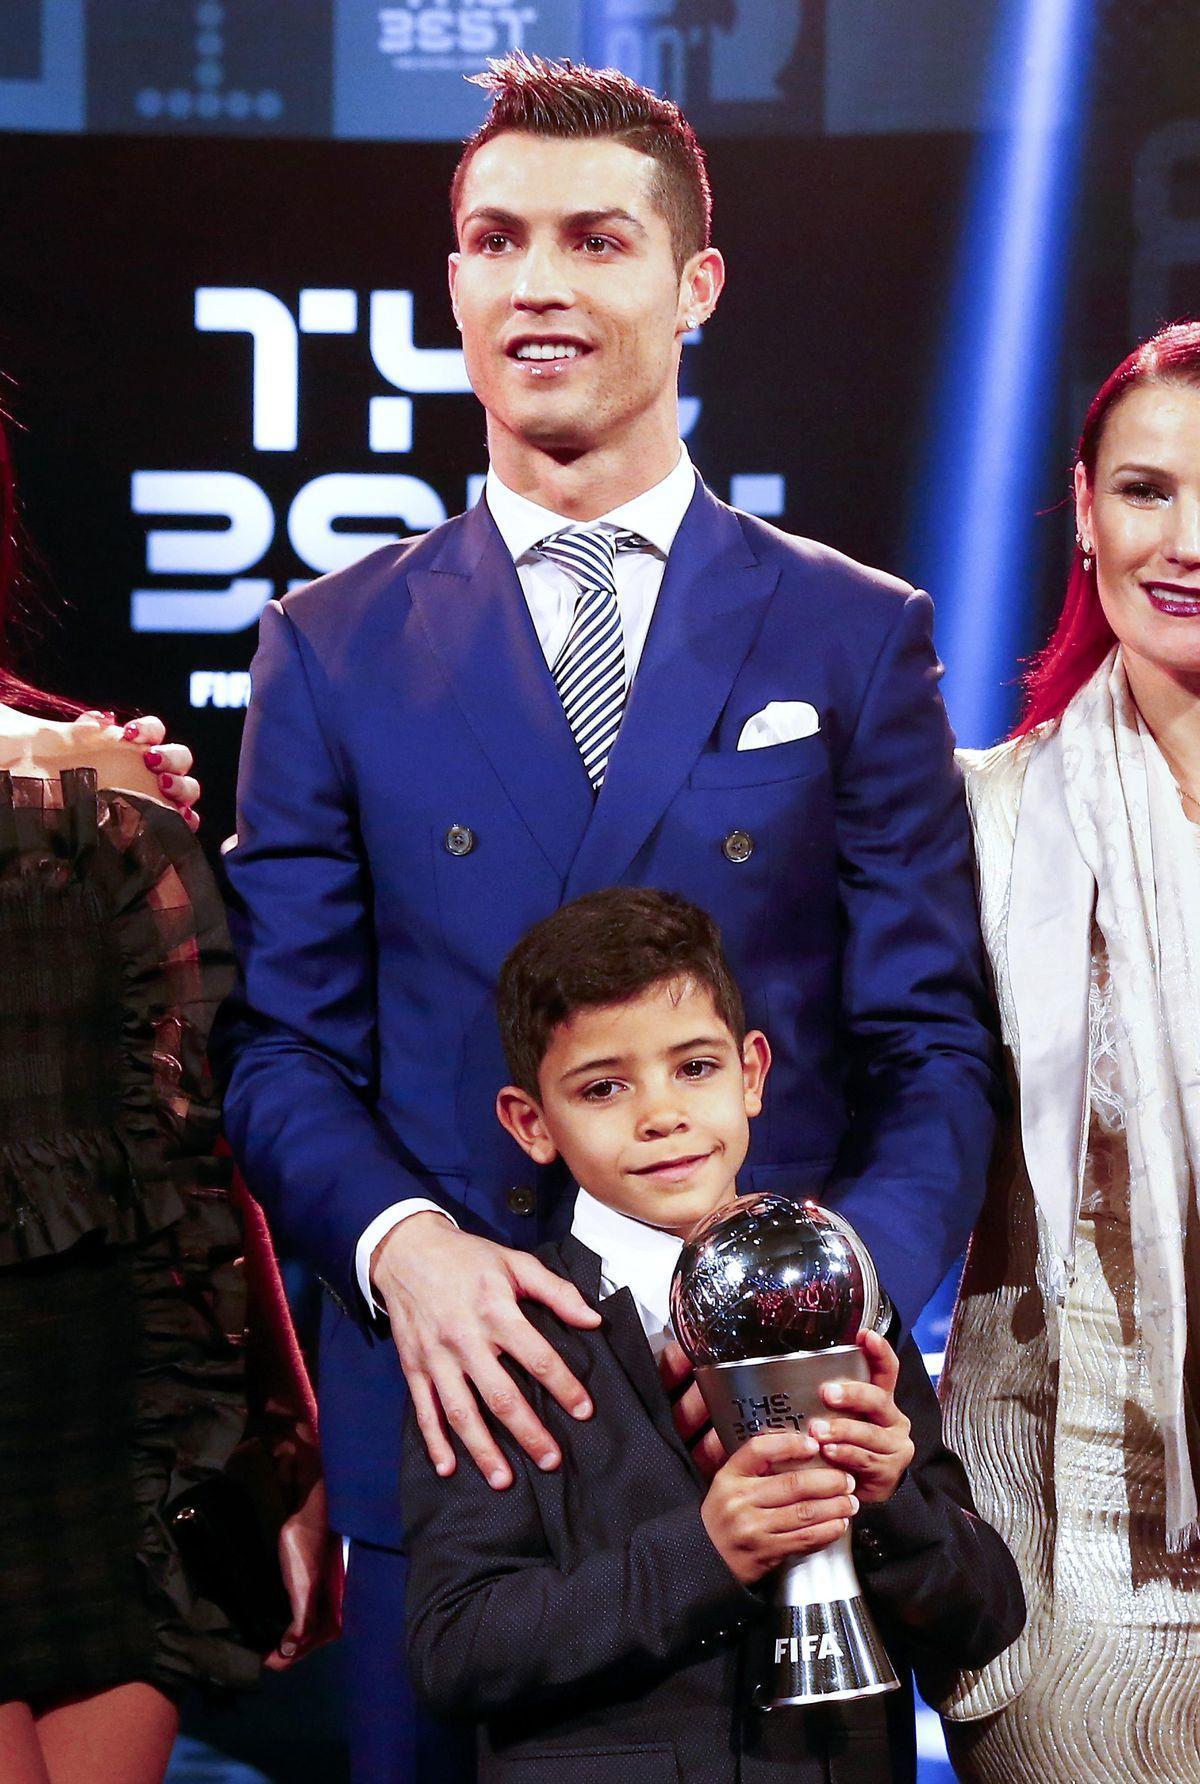 Najlepší hráč roka 2016 podľa Medzinárodnej futbalovej federácie (FIFA) Cristiano Ronaldo a jeho syn,  Cristiano Ronaldo Jr.